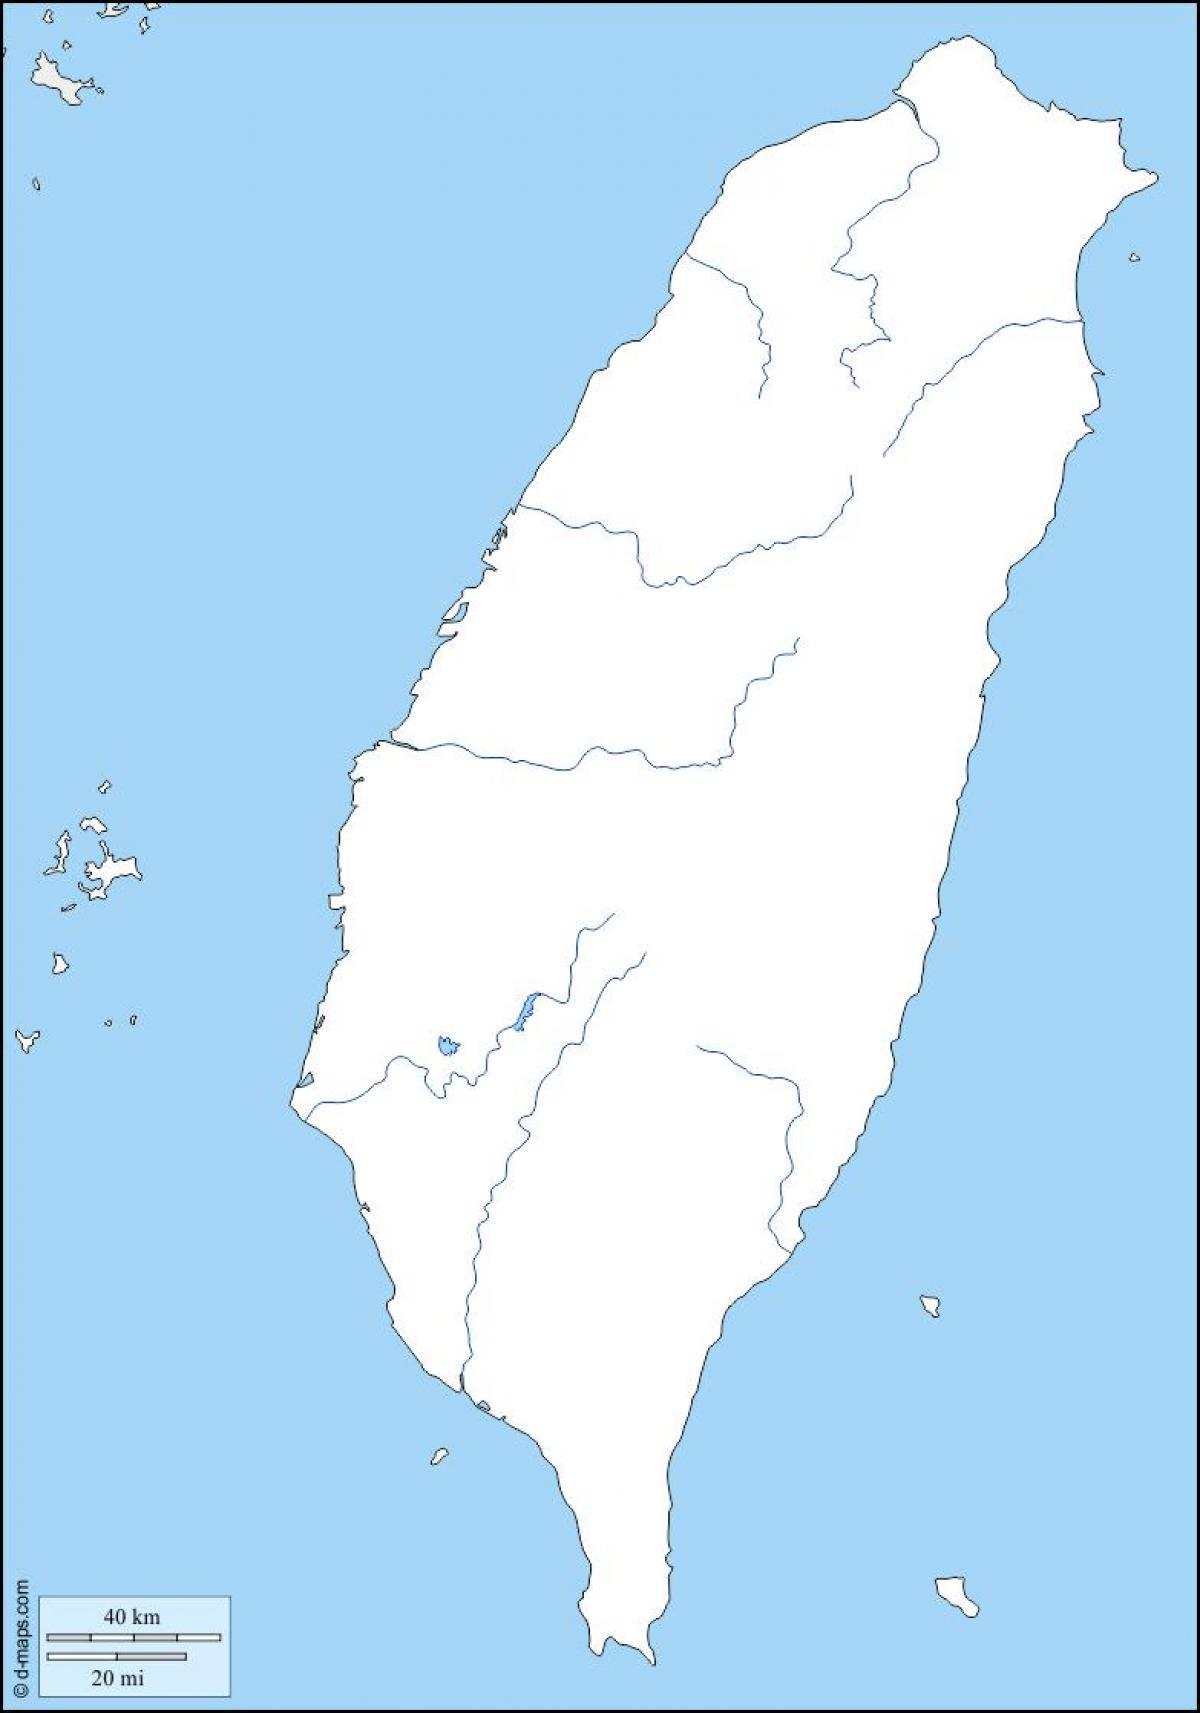 Taiwan Kort Skitse Kort For Taiwan Oversigt Ostlige Asien Asien